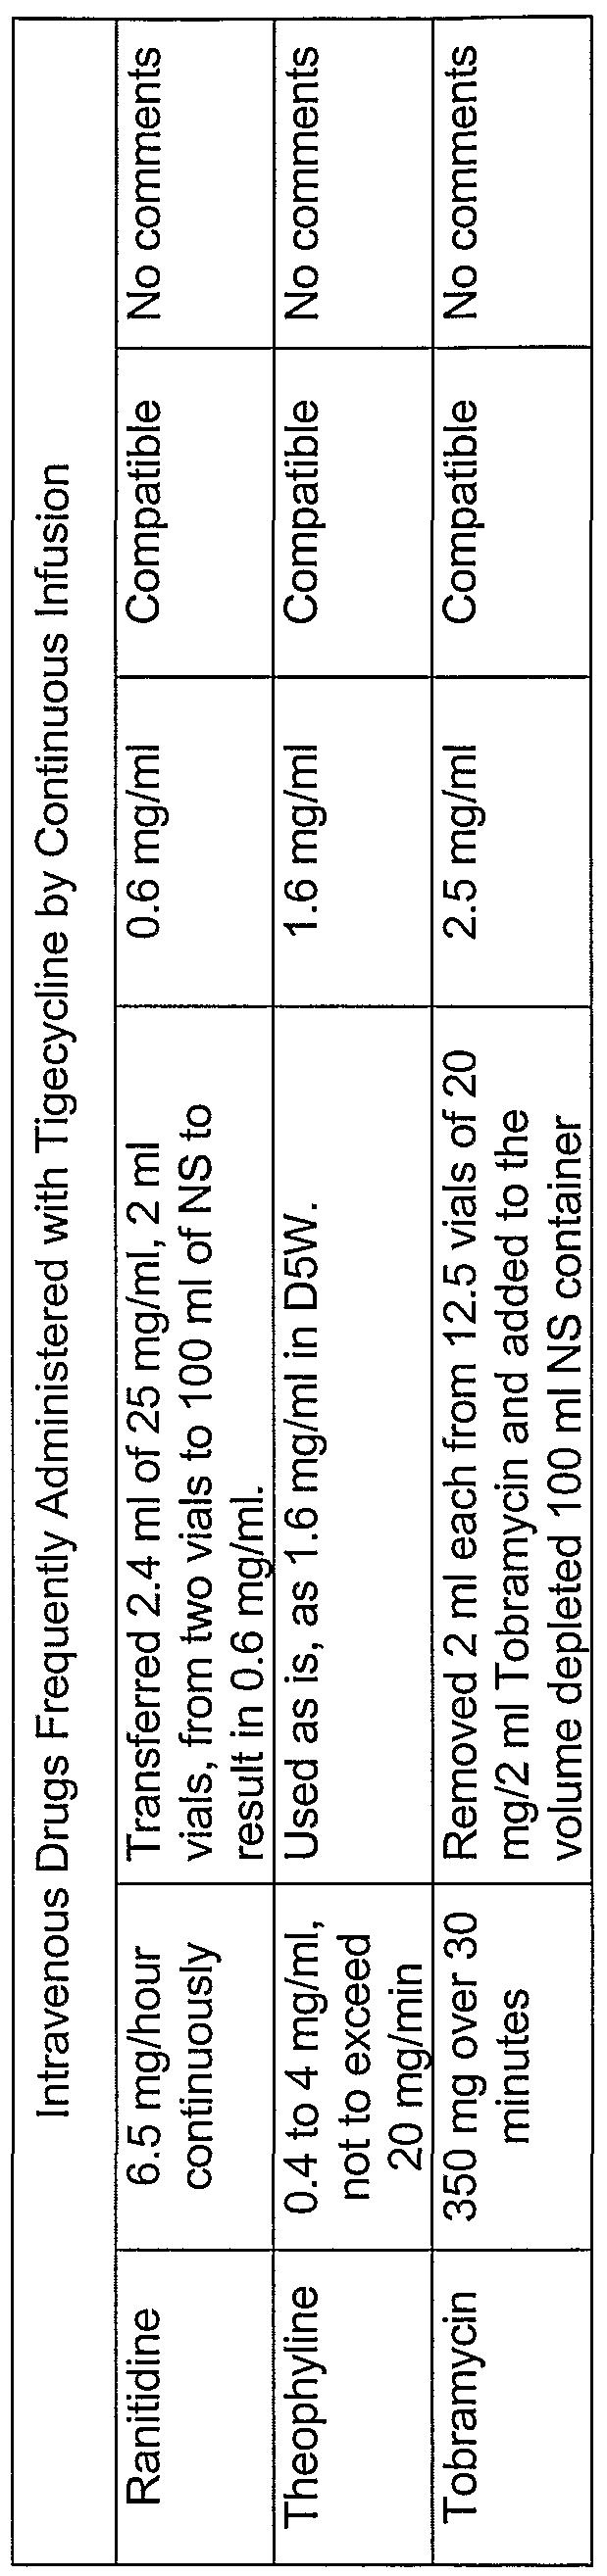 Cipro Iv Compatibility